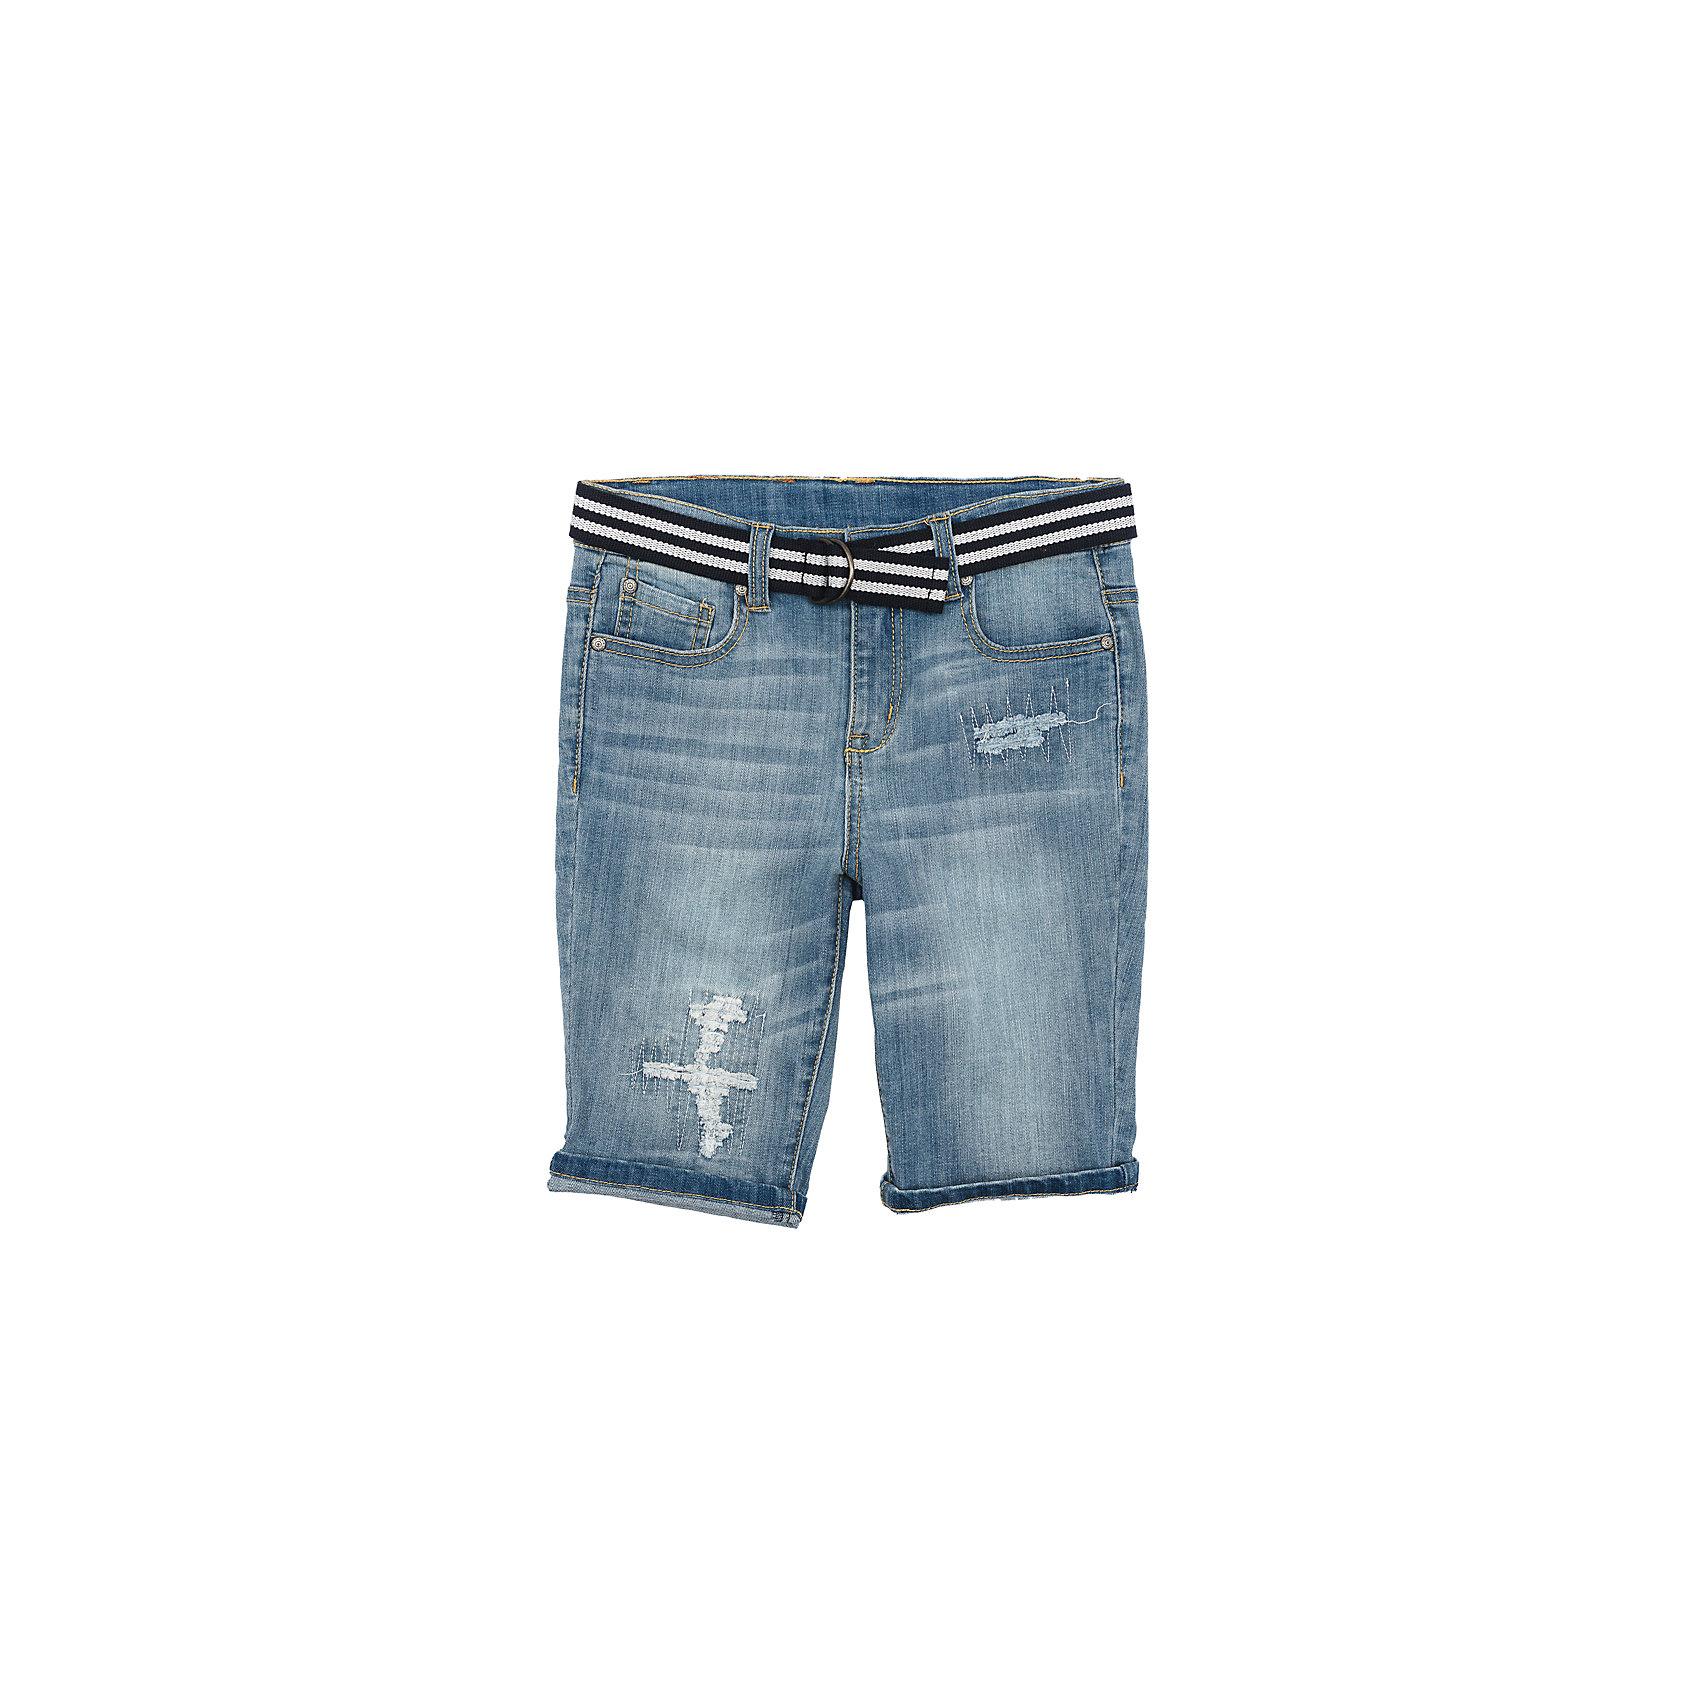 Шорты джинсовые для мальчика ScoolДжинсовая одежда<br>Характеристики товара:<br><br>• цвет: синий<br>• состав: 99% хлопок, 1% эластан<br>• сезон: лето<br>• ремень в комплекте<br>• шорты со шлёвками<br>• карманы <br>• эффект потертостей<br>• страна бренда: Германия<br>• страна производства: Китай<br><br>Джинсовые шорты для мальчика Scool. Шорты с потертостями подойдут для отдыха и прогулок. Свободный крой не сковывает движений ребенка. Натуральный материал приятен к телу и не вызывает раздражений. Модель со шлевками и ремнем.<br><br>Шорты для мальчика от известного бренда Scool можно купить в нашем интернет-магазине.<br><br>Ширина мм: 191<br>Глубина мм: 10<br>Высота мм: 175<br>Вес г: 273<br>Цвет: голубой<br>Возраст от месяцев: 96<br>Возраст до месяцев: 108<br>Пол: Мужской<br>Возраст: Детский<br>Размер: 134,146,152,158,164,140<br>SKU: 5406714